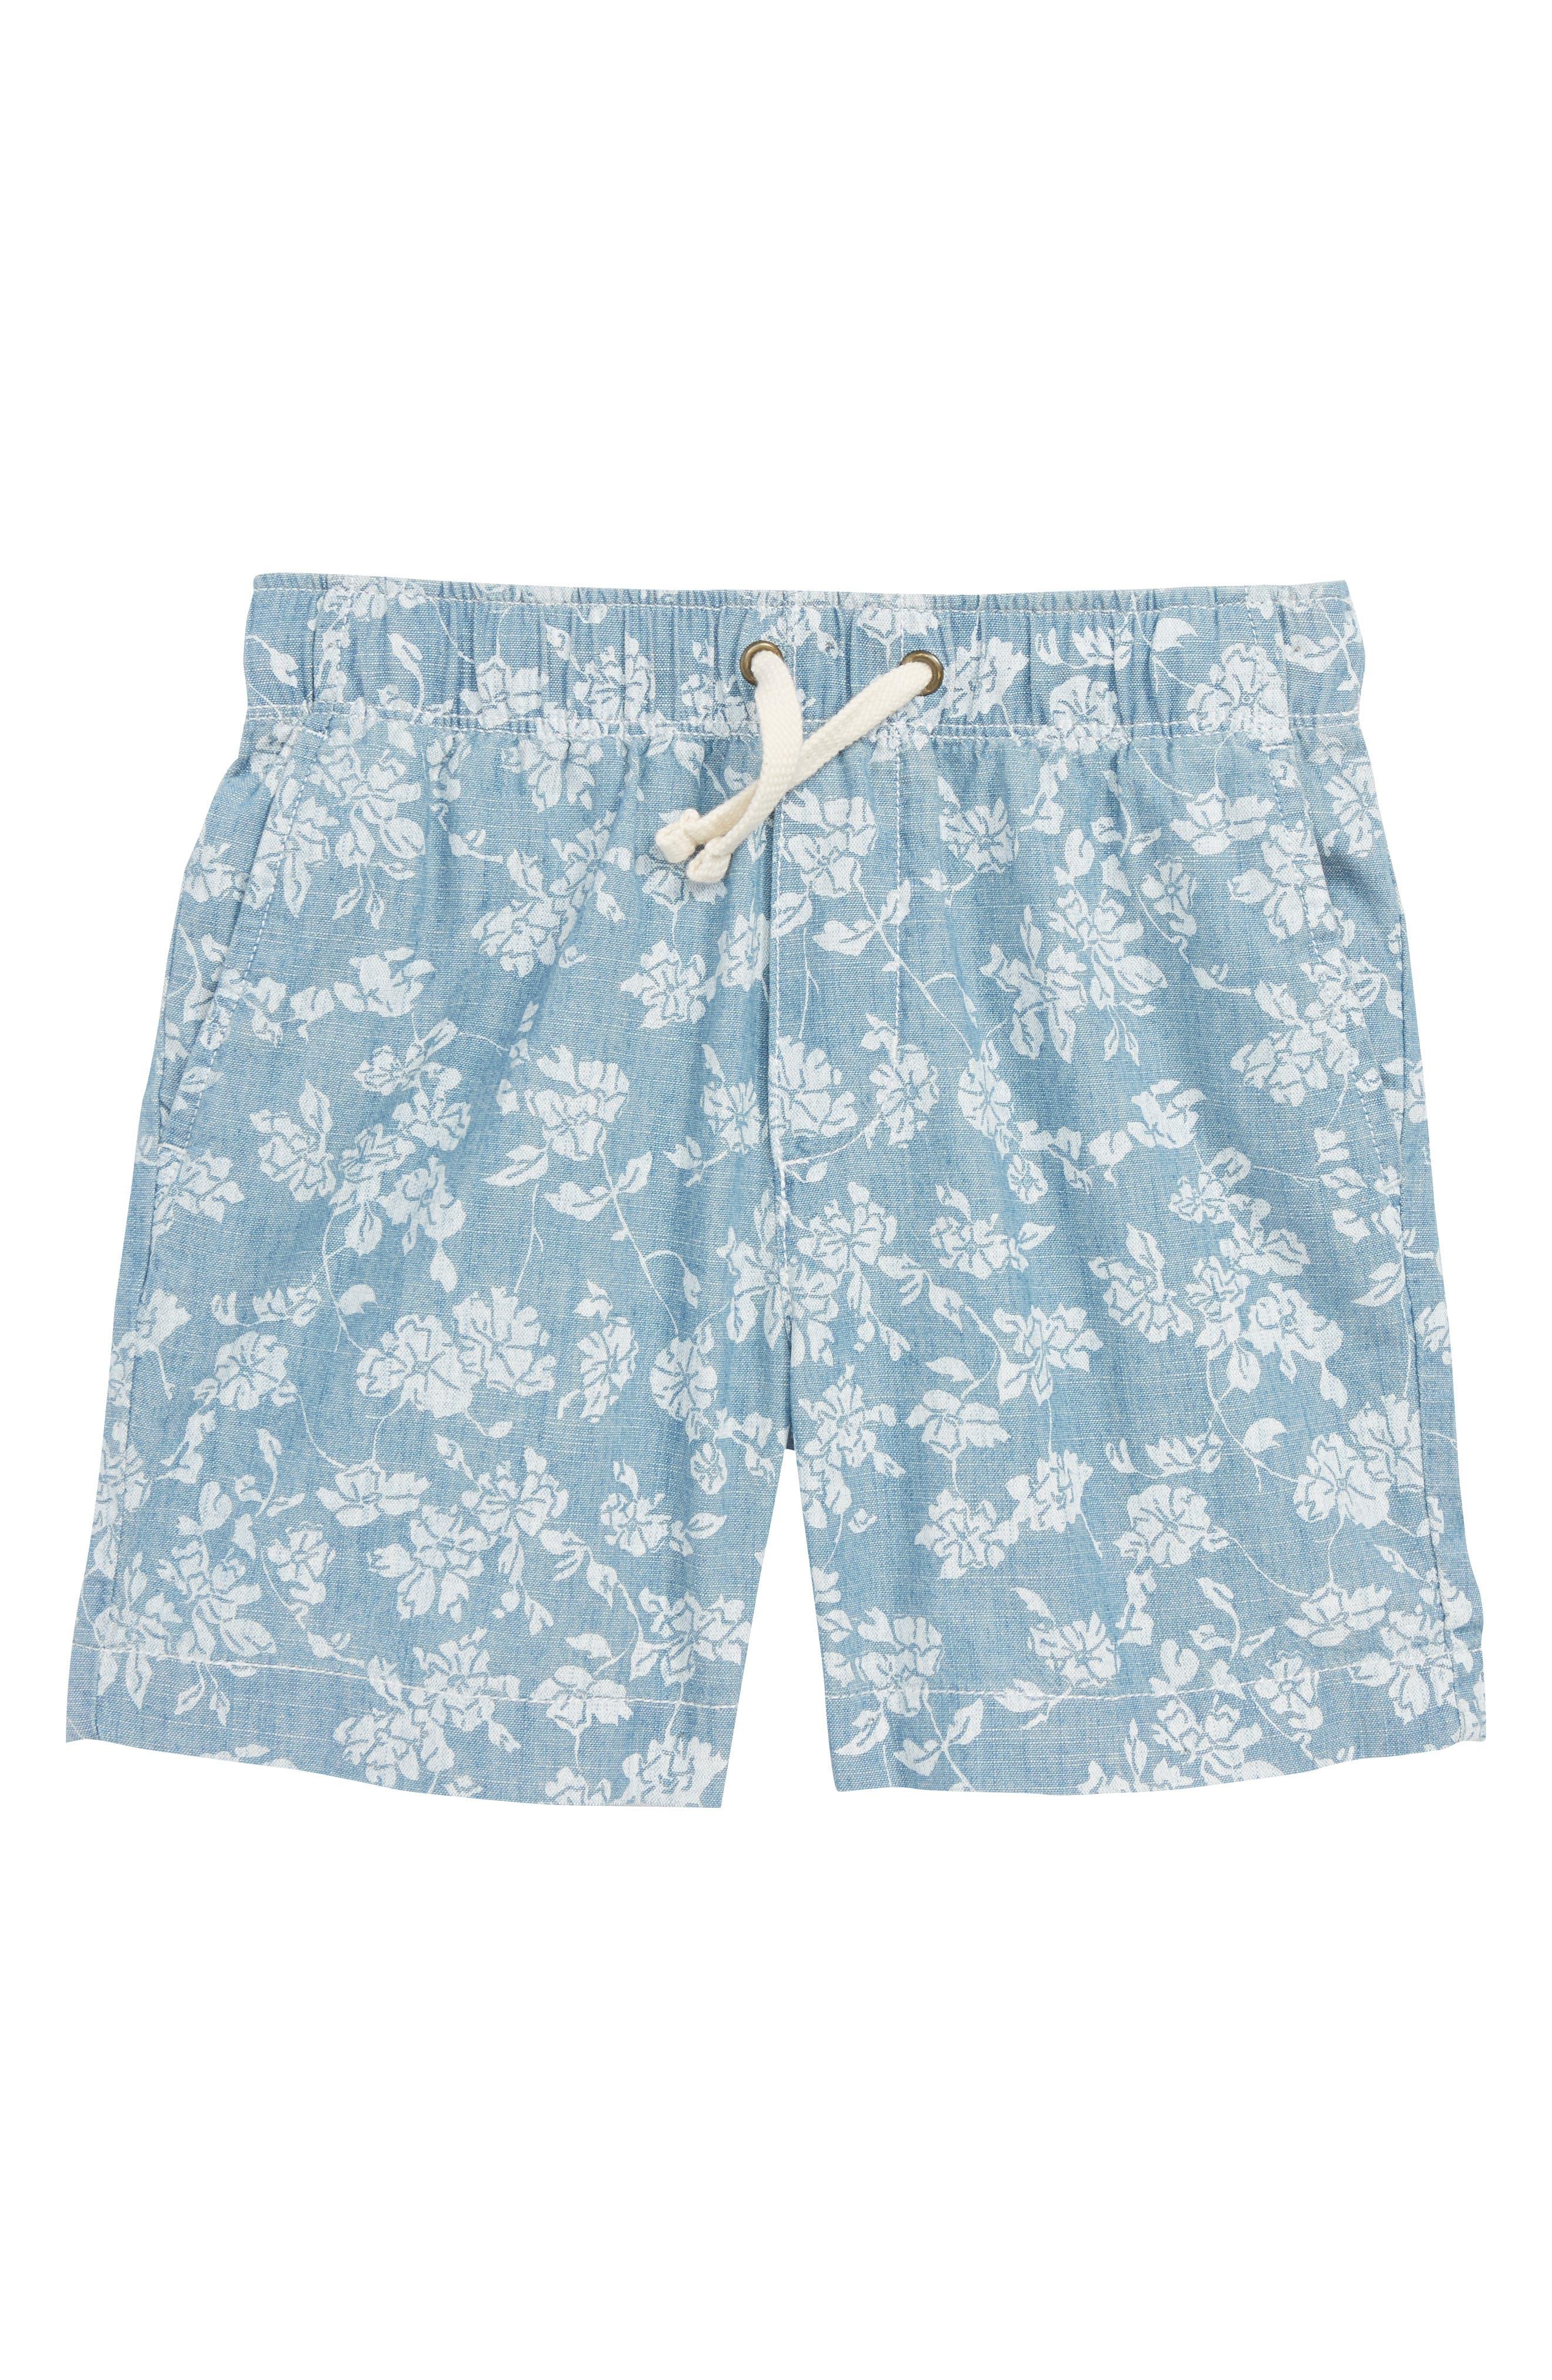 Floral Chambray Dock Shorts,                             Main thumbnail 1, color,                             400